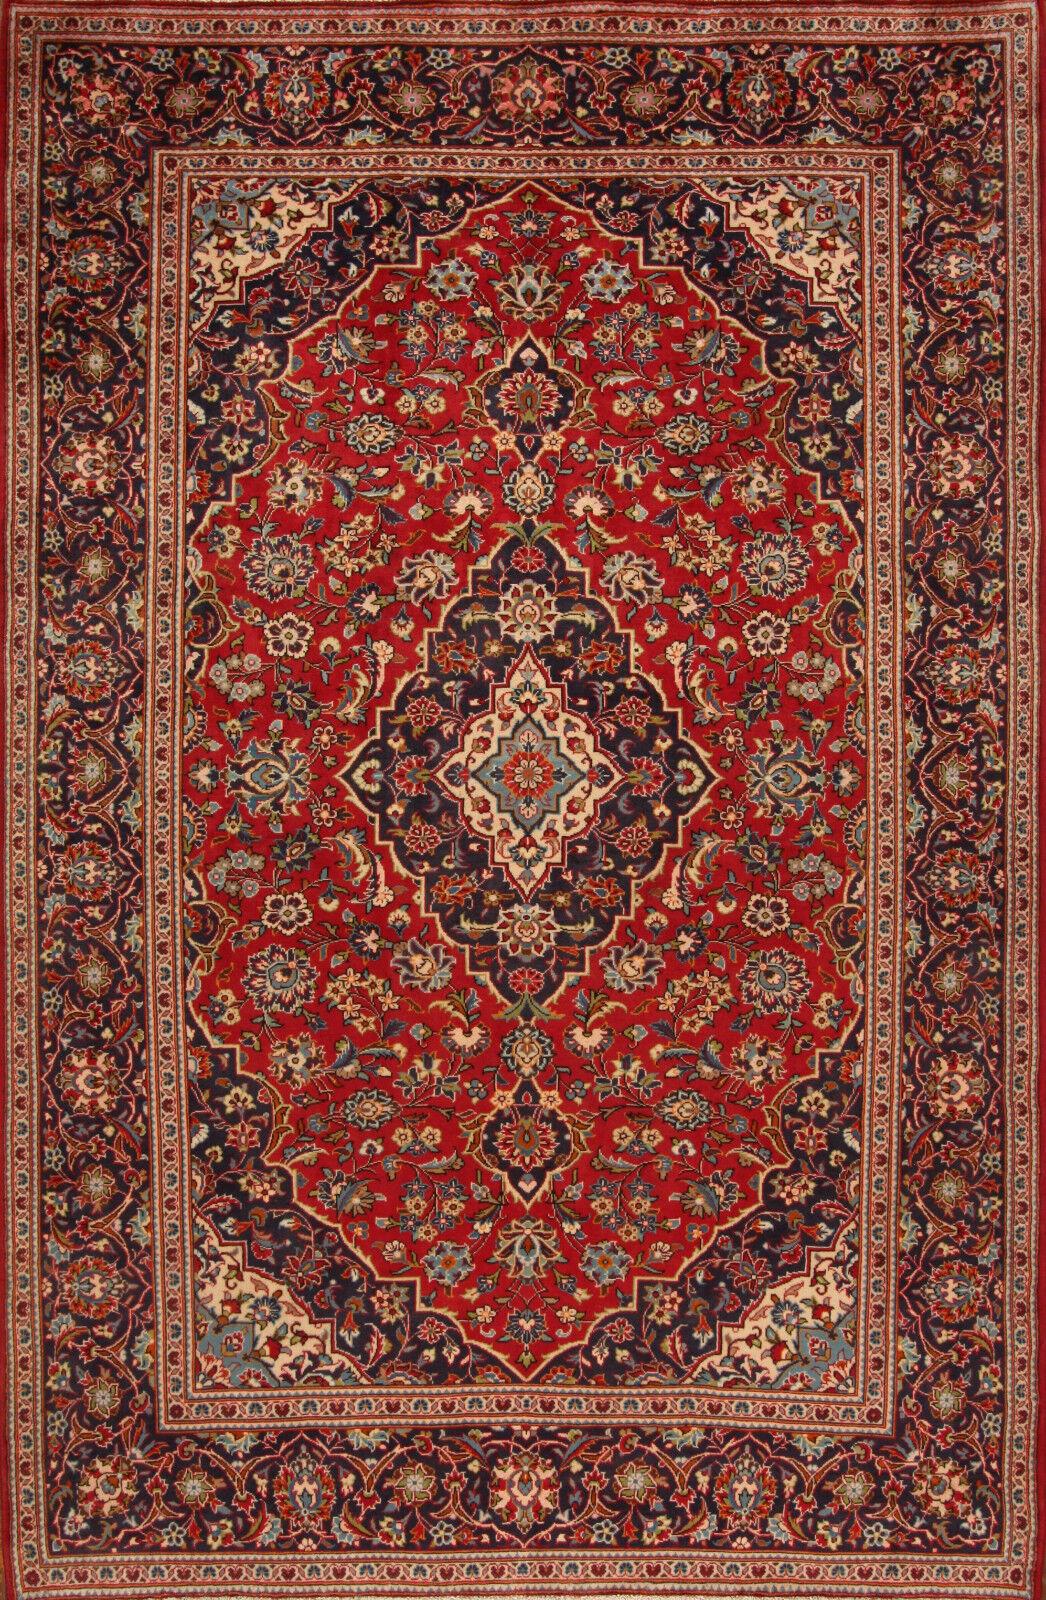 Alfombras orientales Auténticas hechas a mano persas nr. 4356 (304 x 200) cm